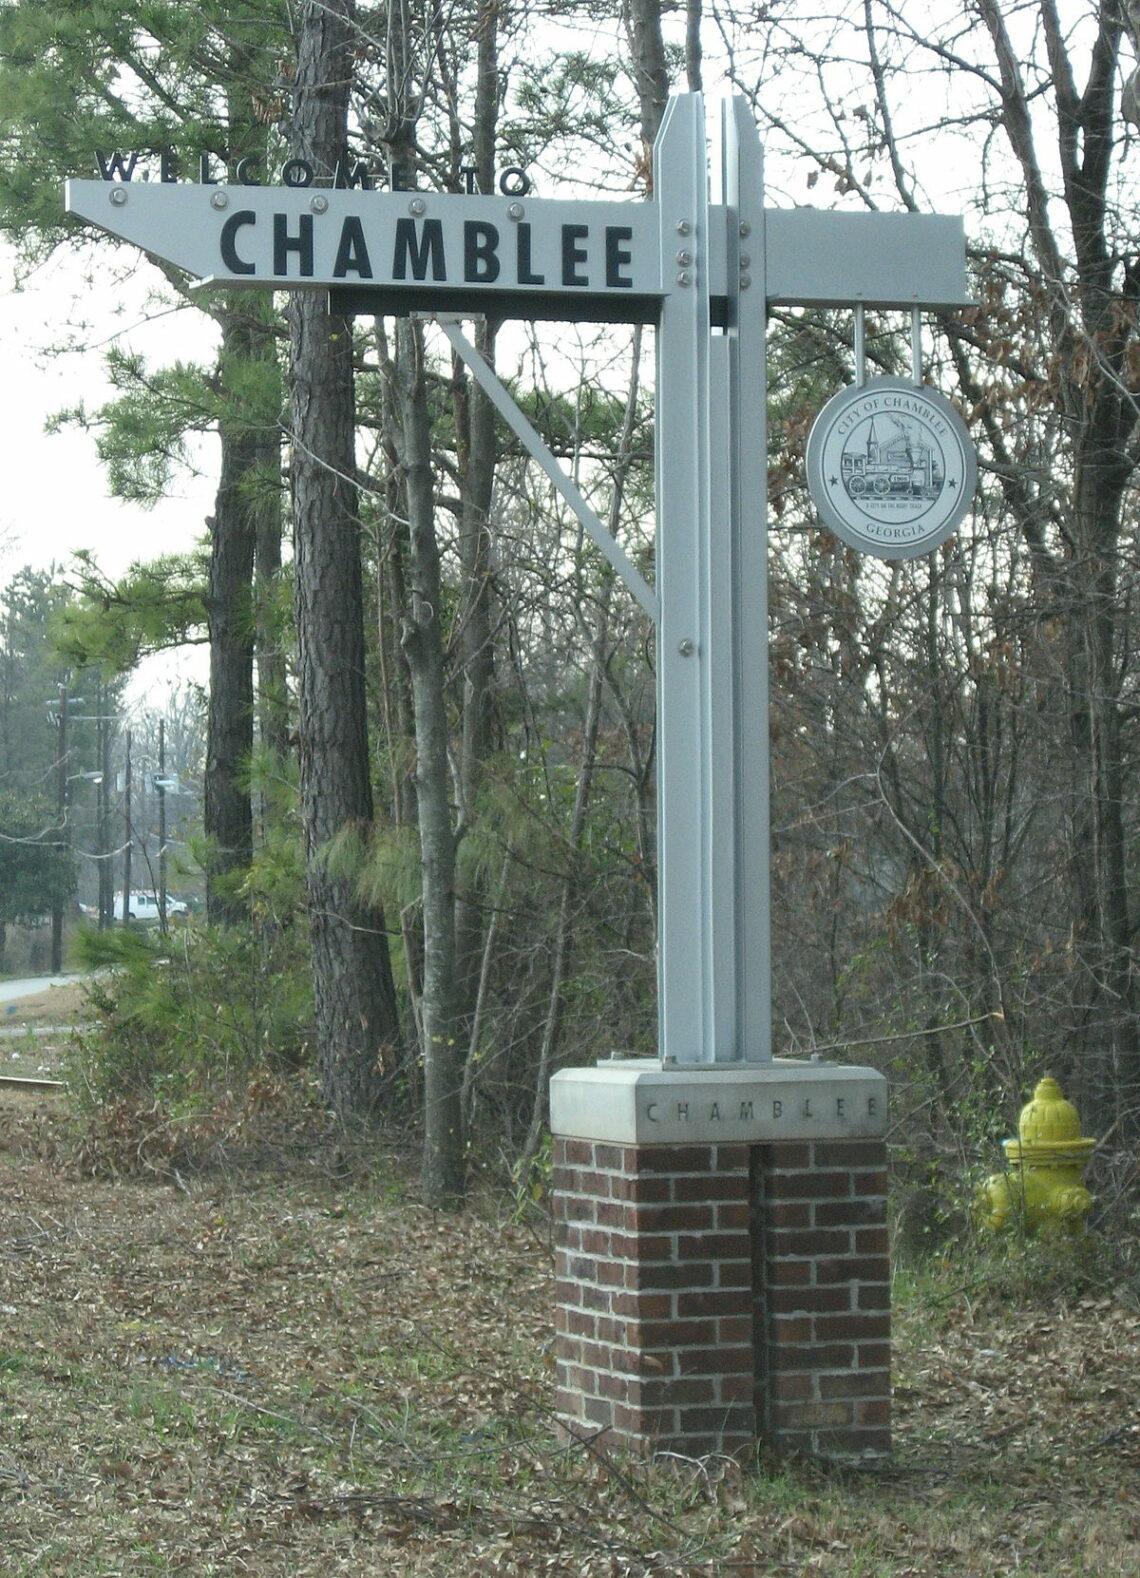 Resume Writers in Chamblee, Georgia